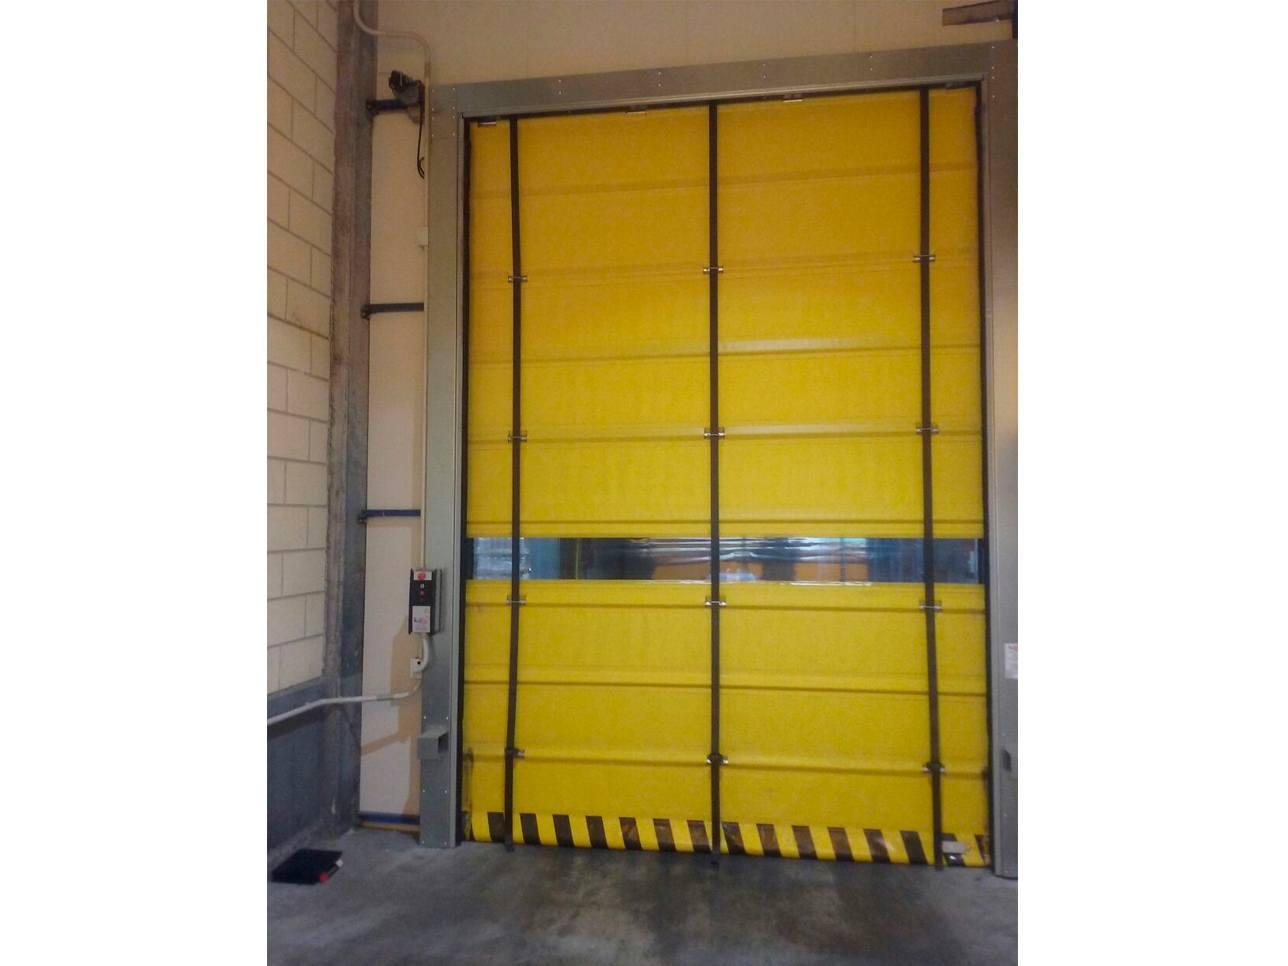 Puerta rápida amarilla detalle